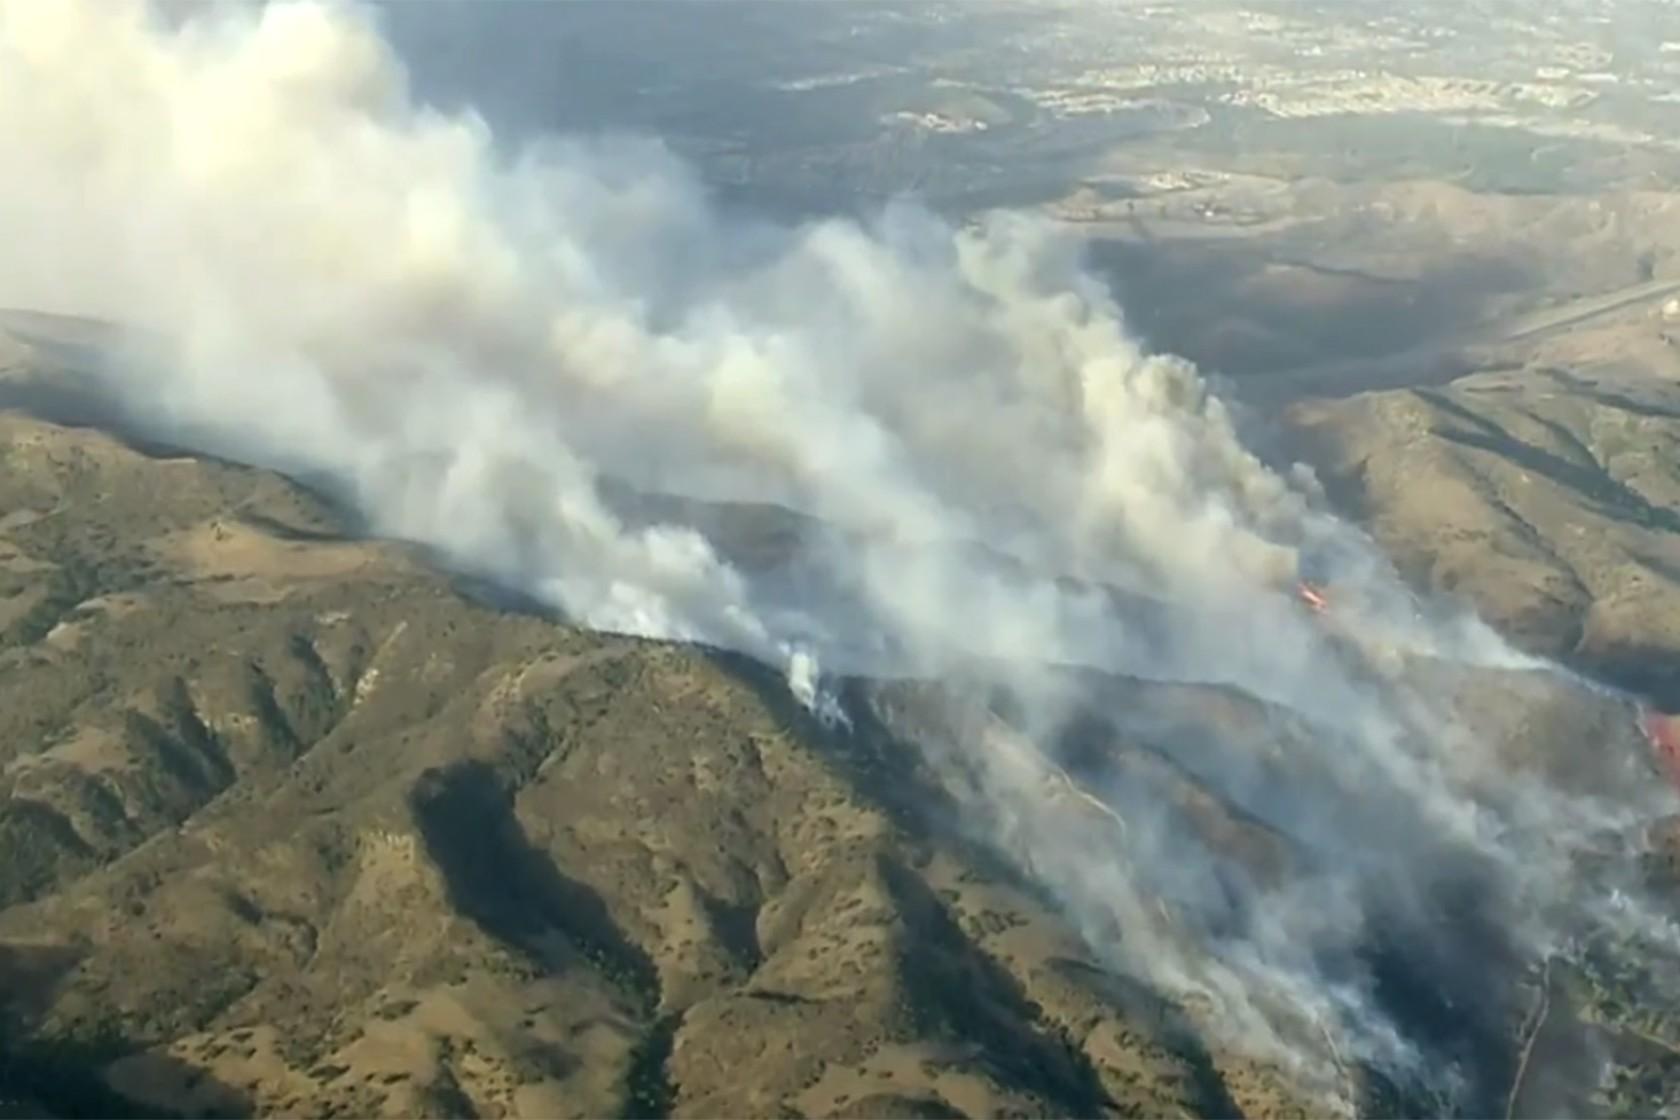 Десятки тисяч сімей змушені покинути домівки через лісові пожежі у США: опубліковані жахливі фото - фото 6